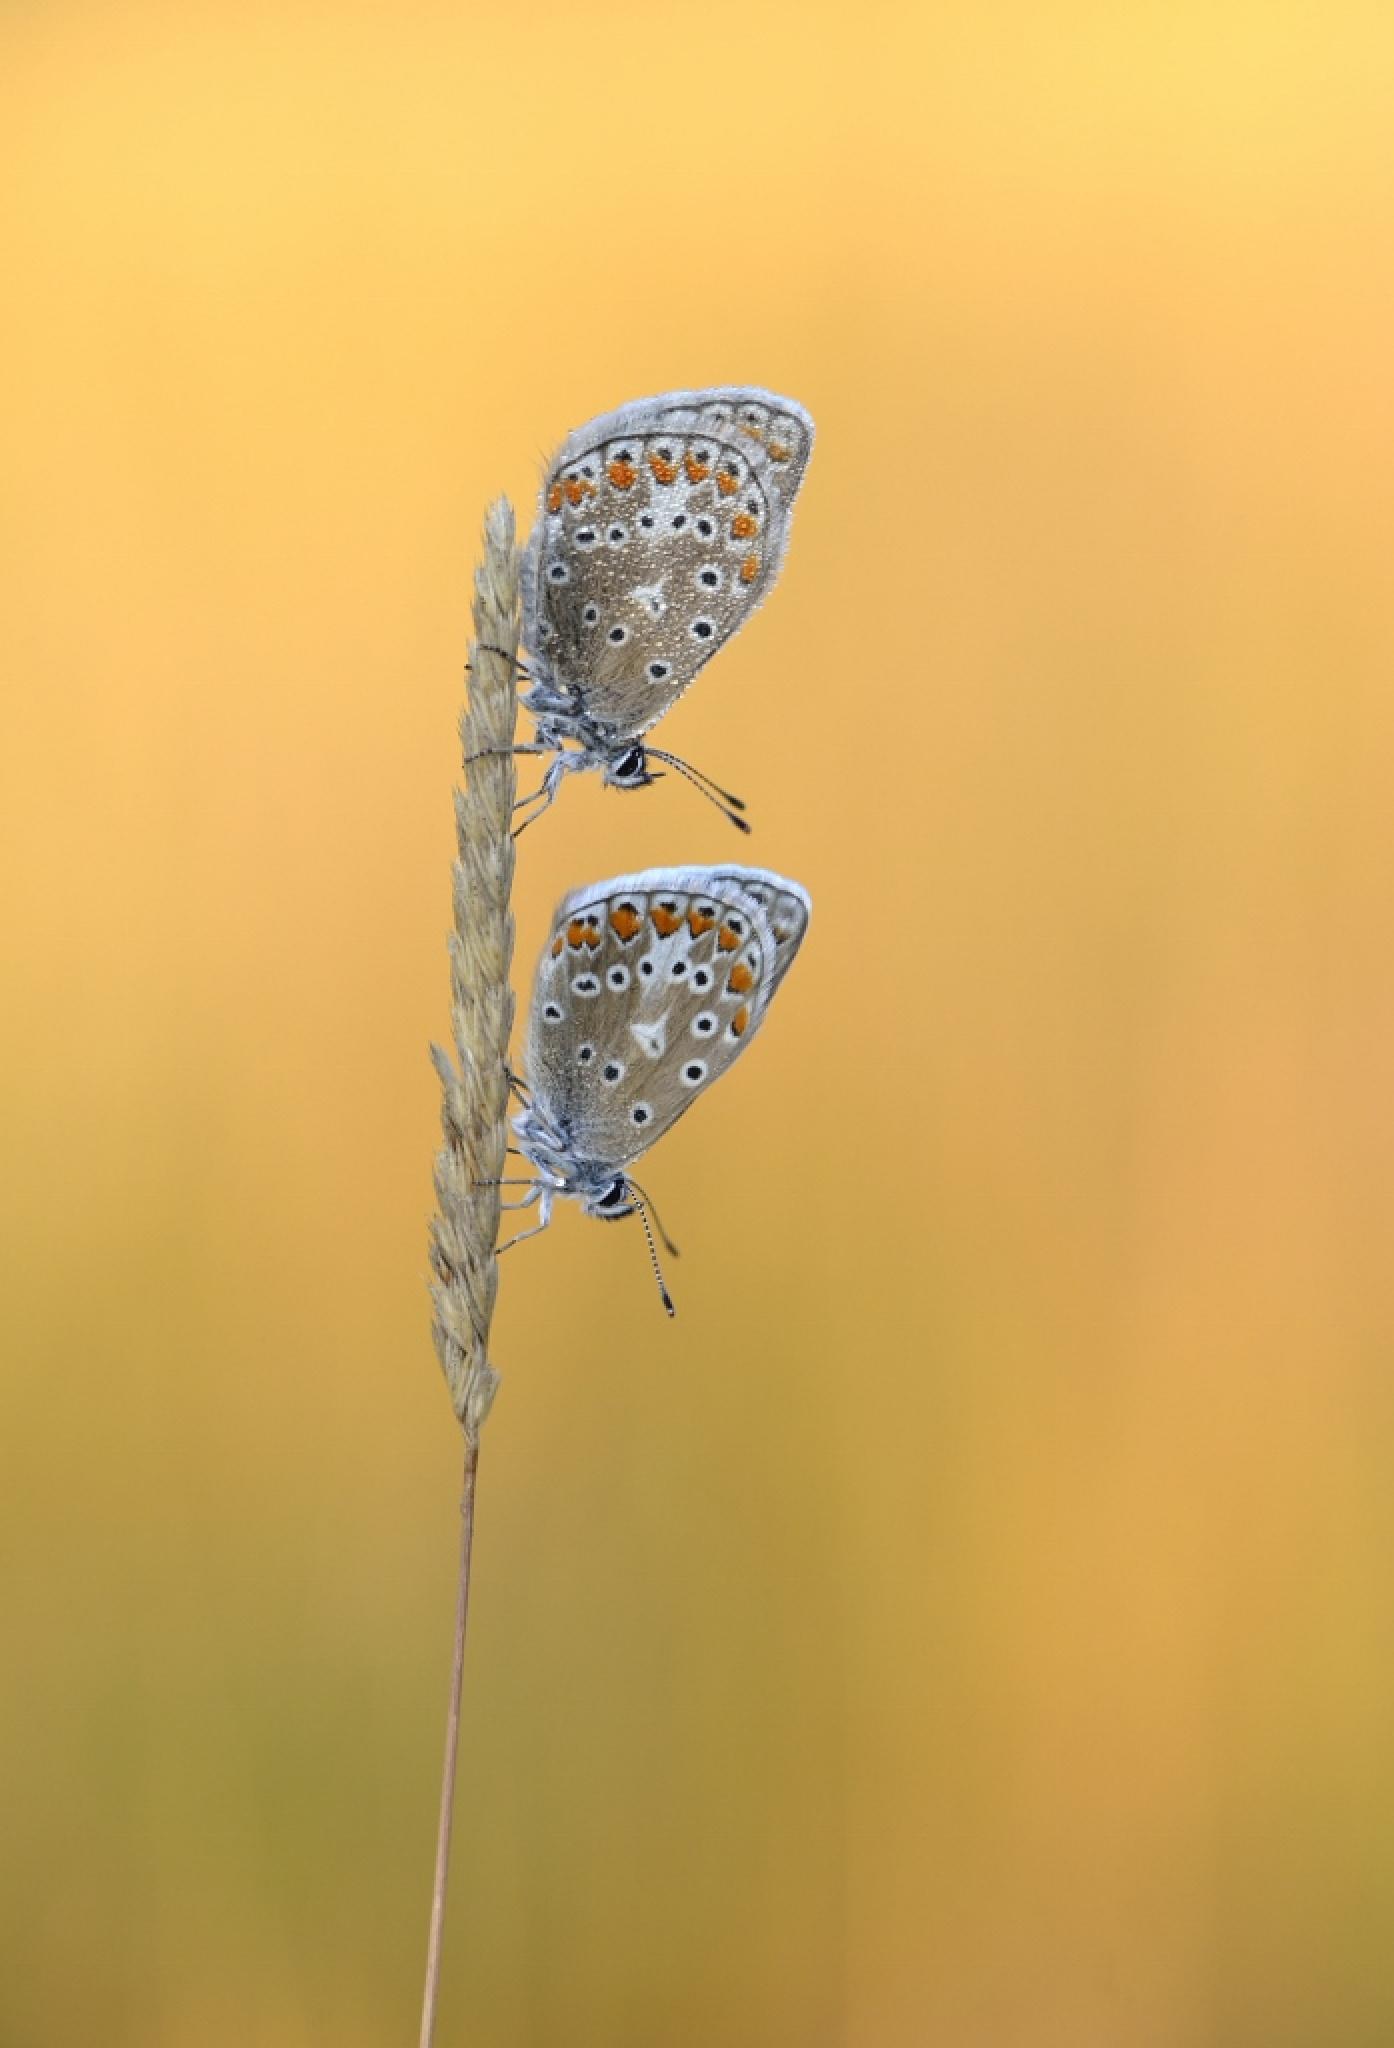 twinssss by Ruurd Visser